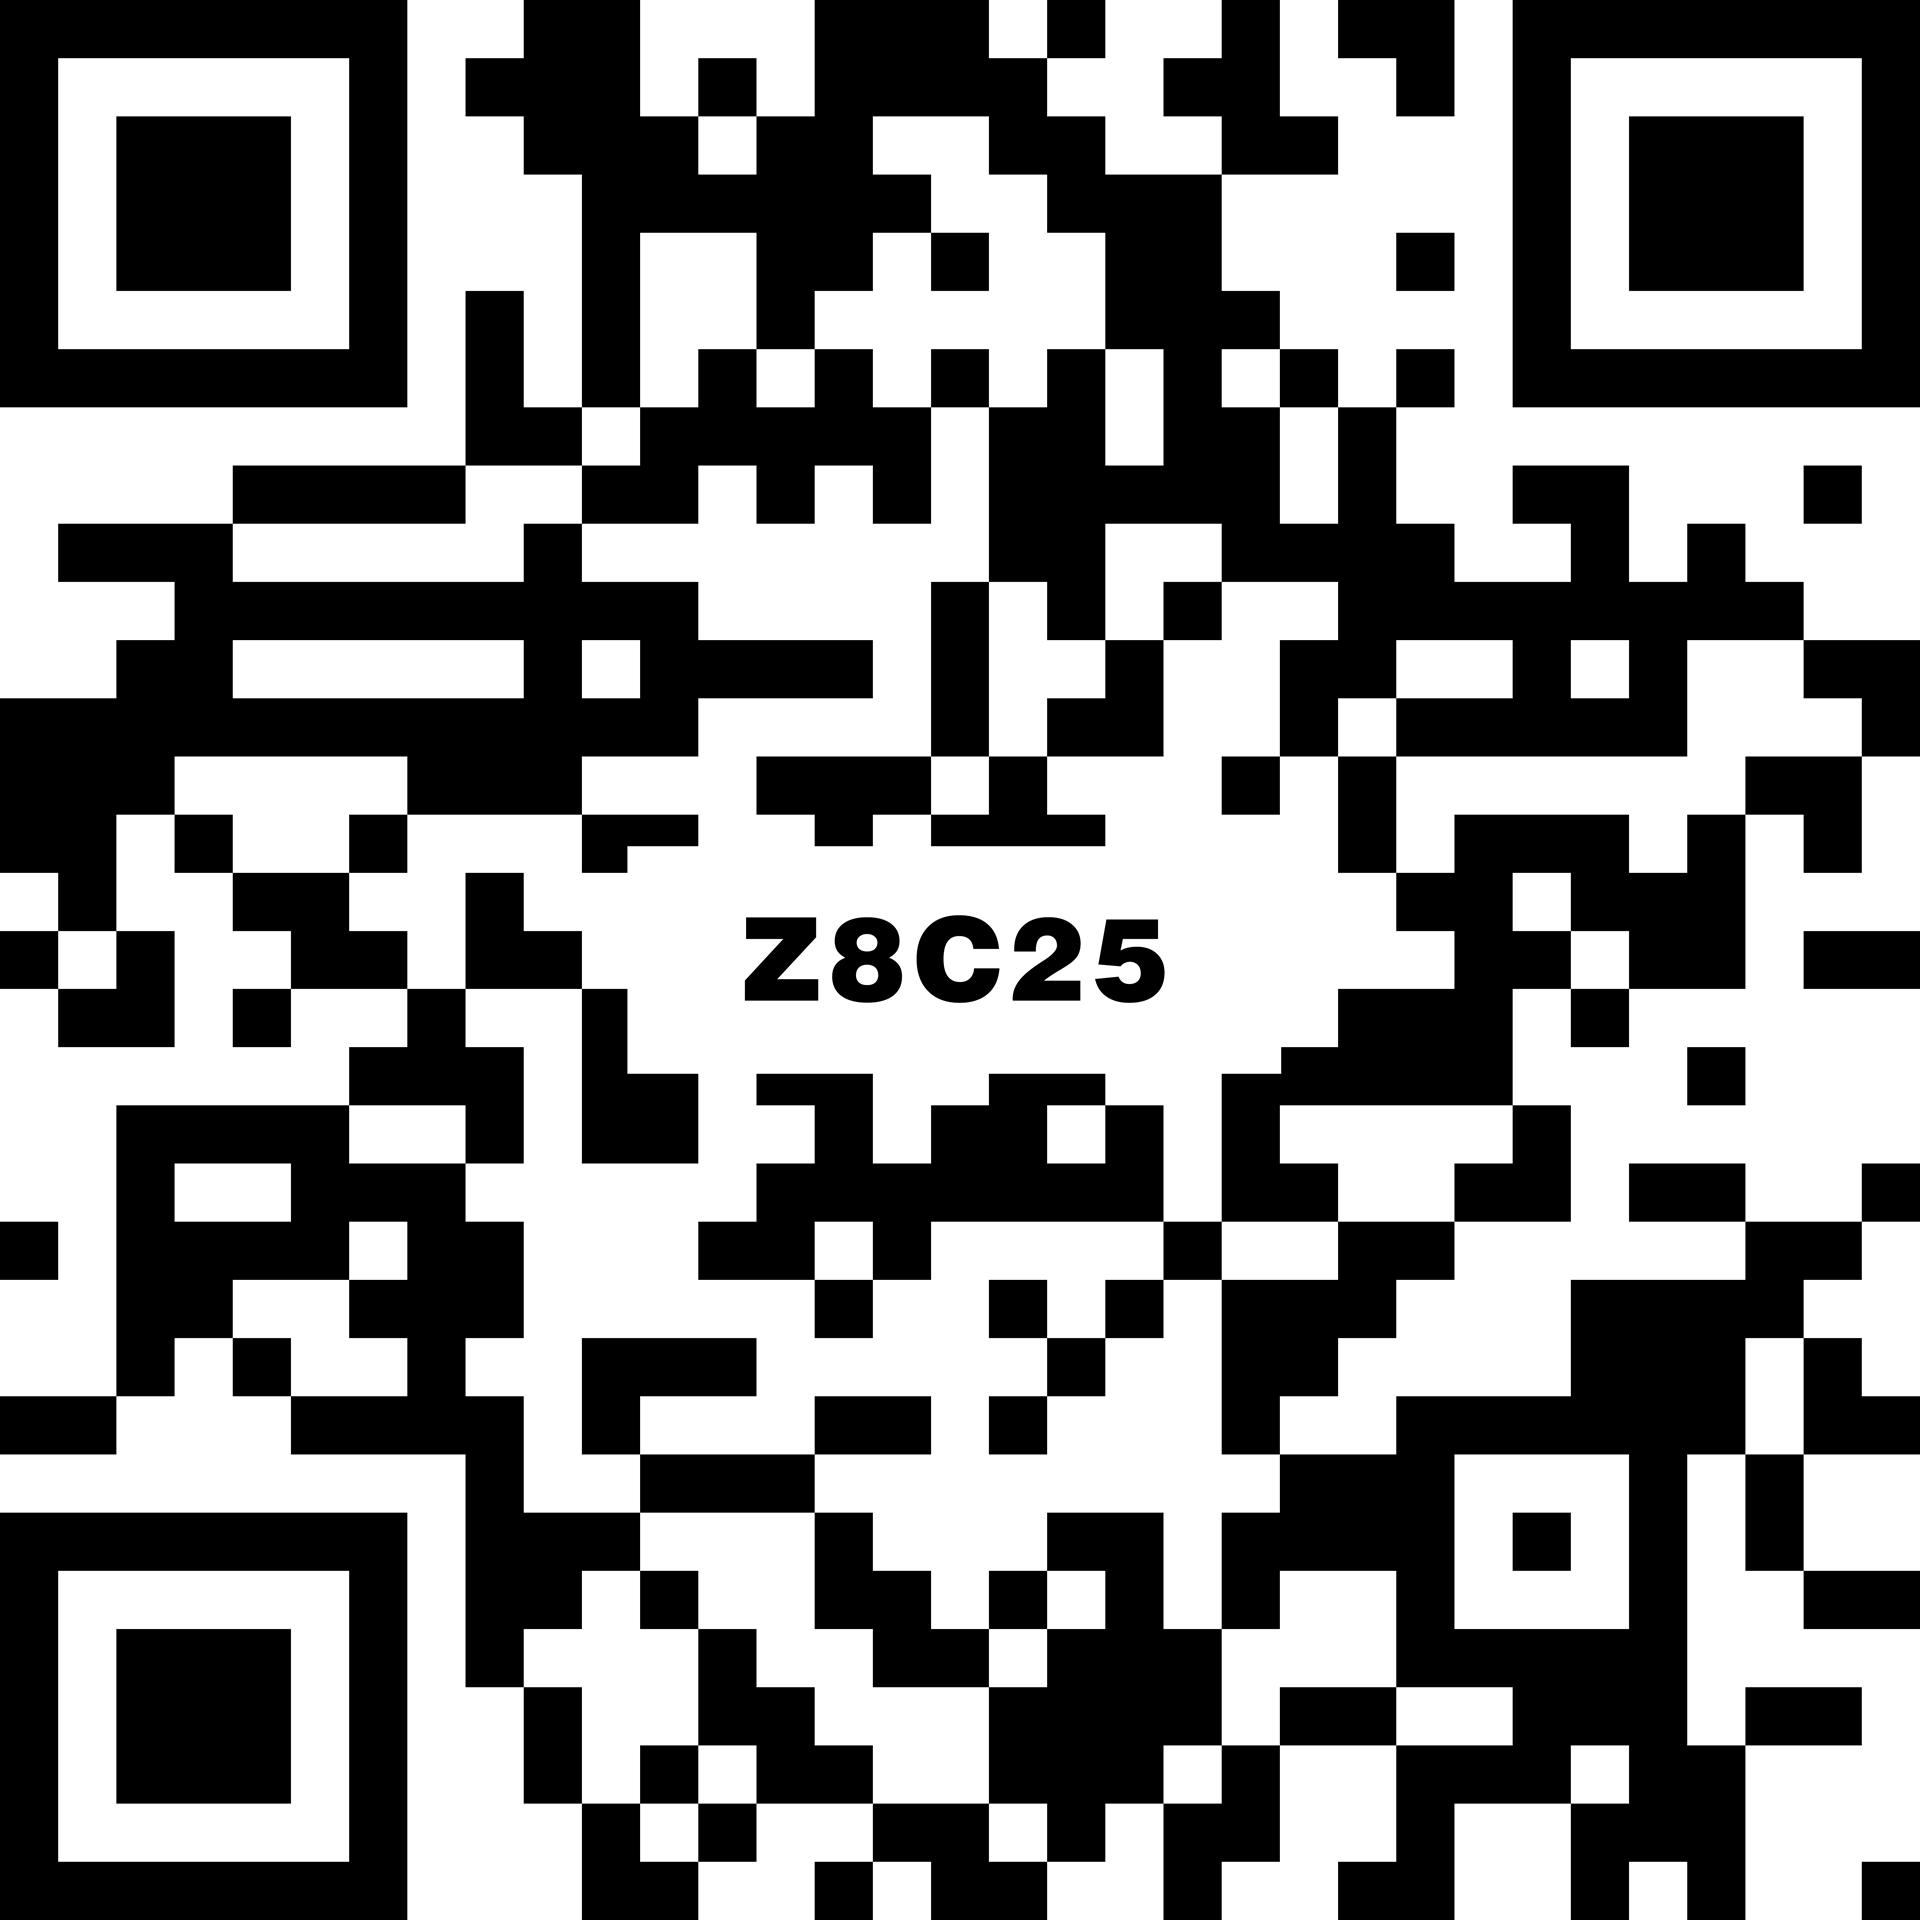 Z8C25